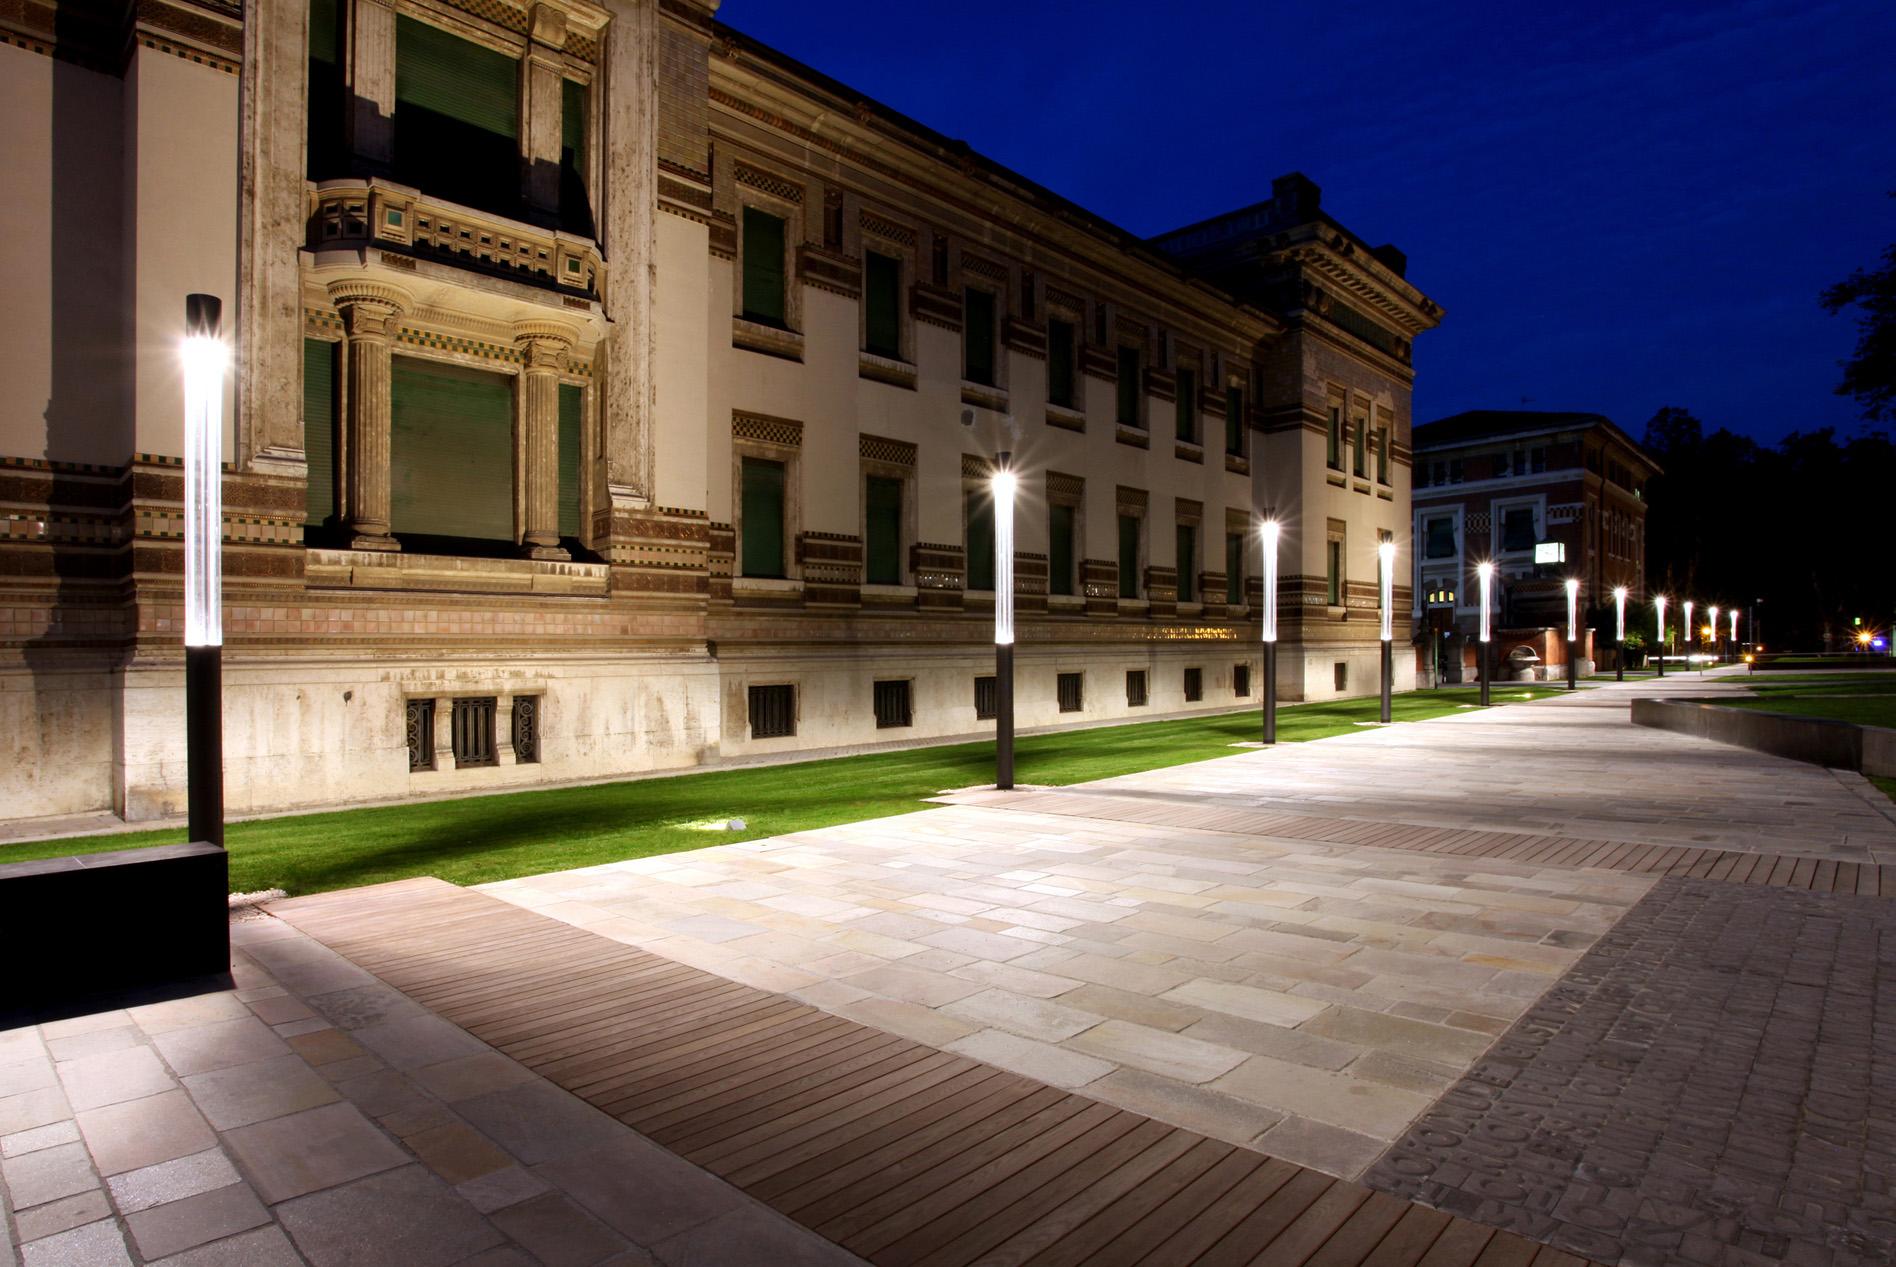 StudioEFA-Piazza Lorenzo Berzieri-02